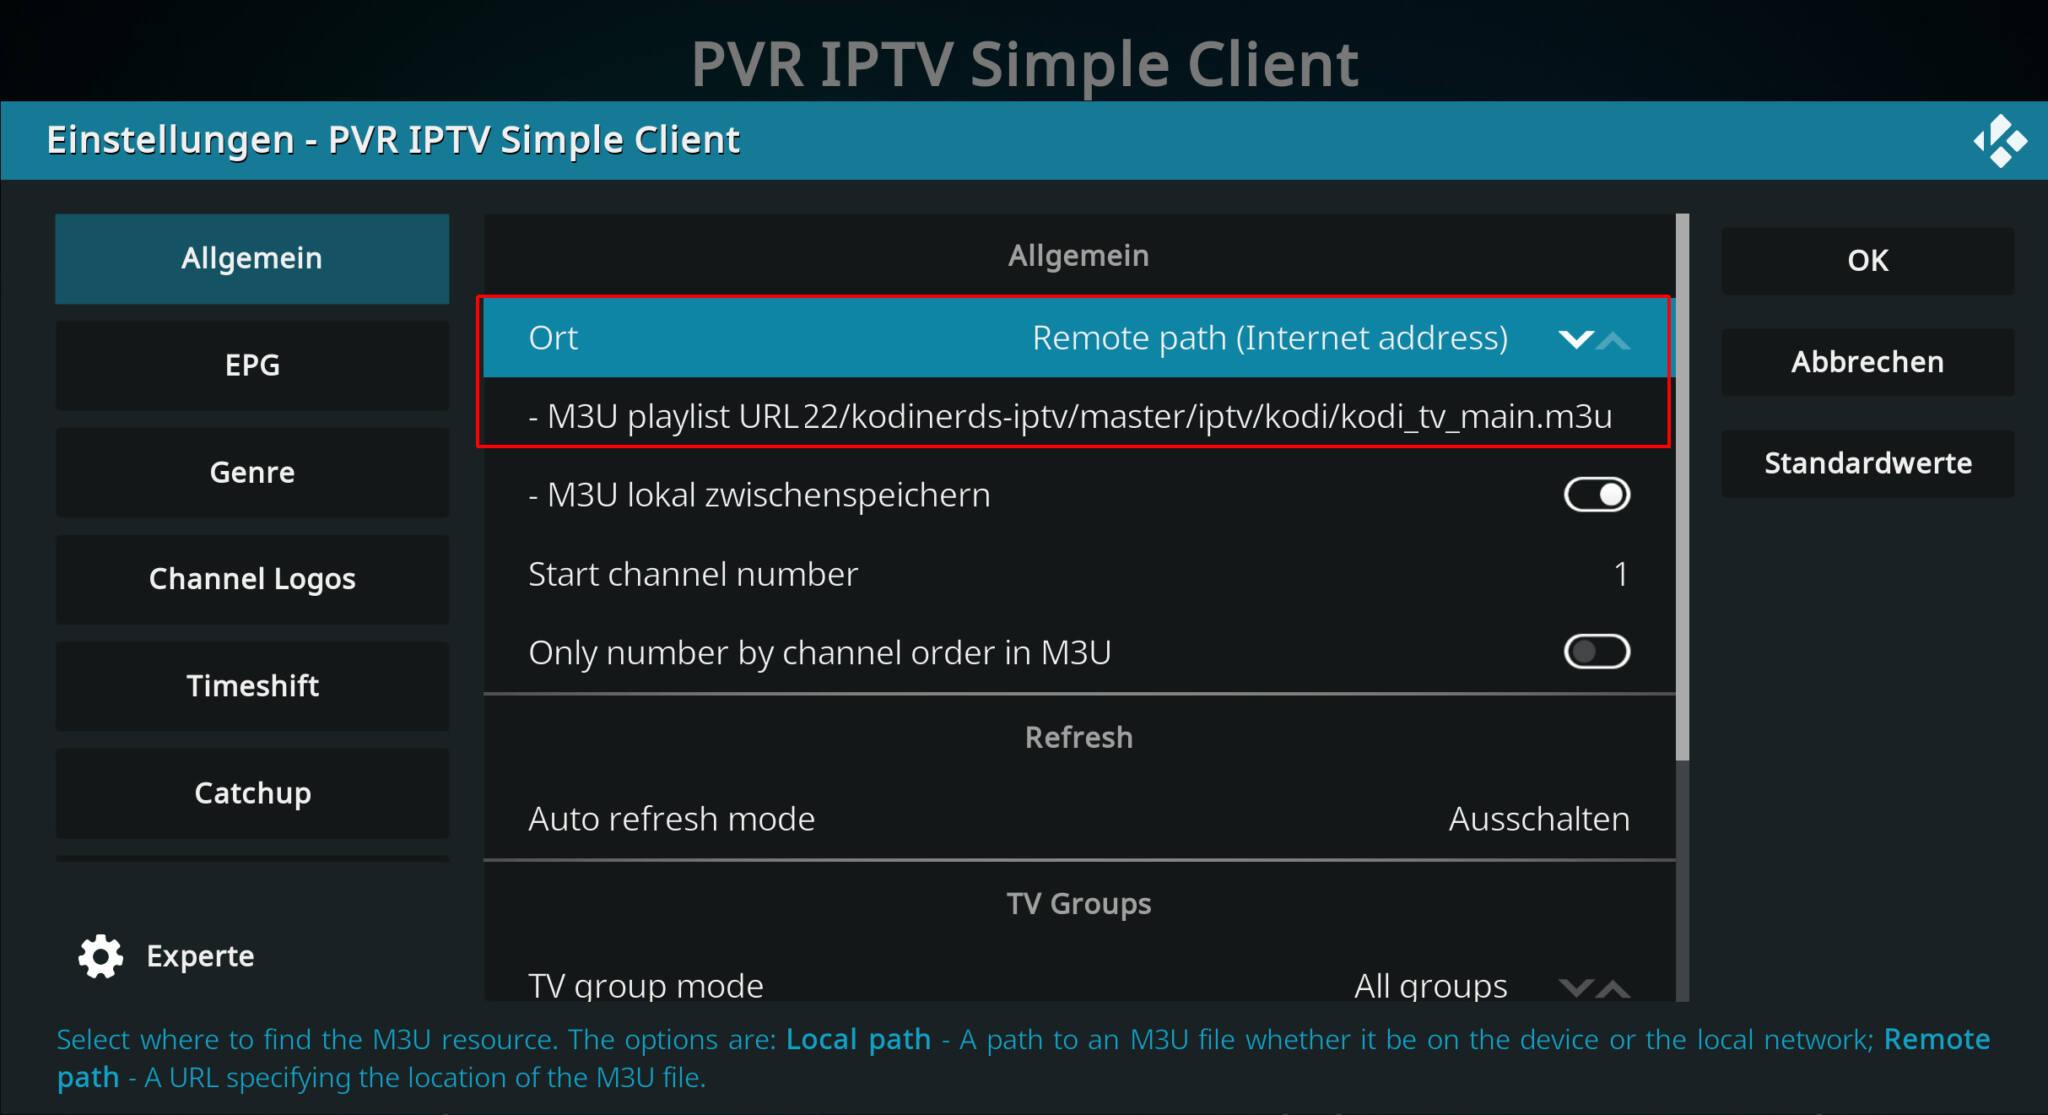 einstellungen vom addon pvr iptv simple client in kodi 19 matrix.